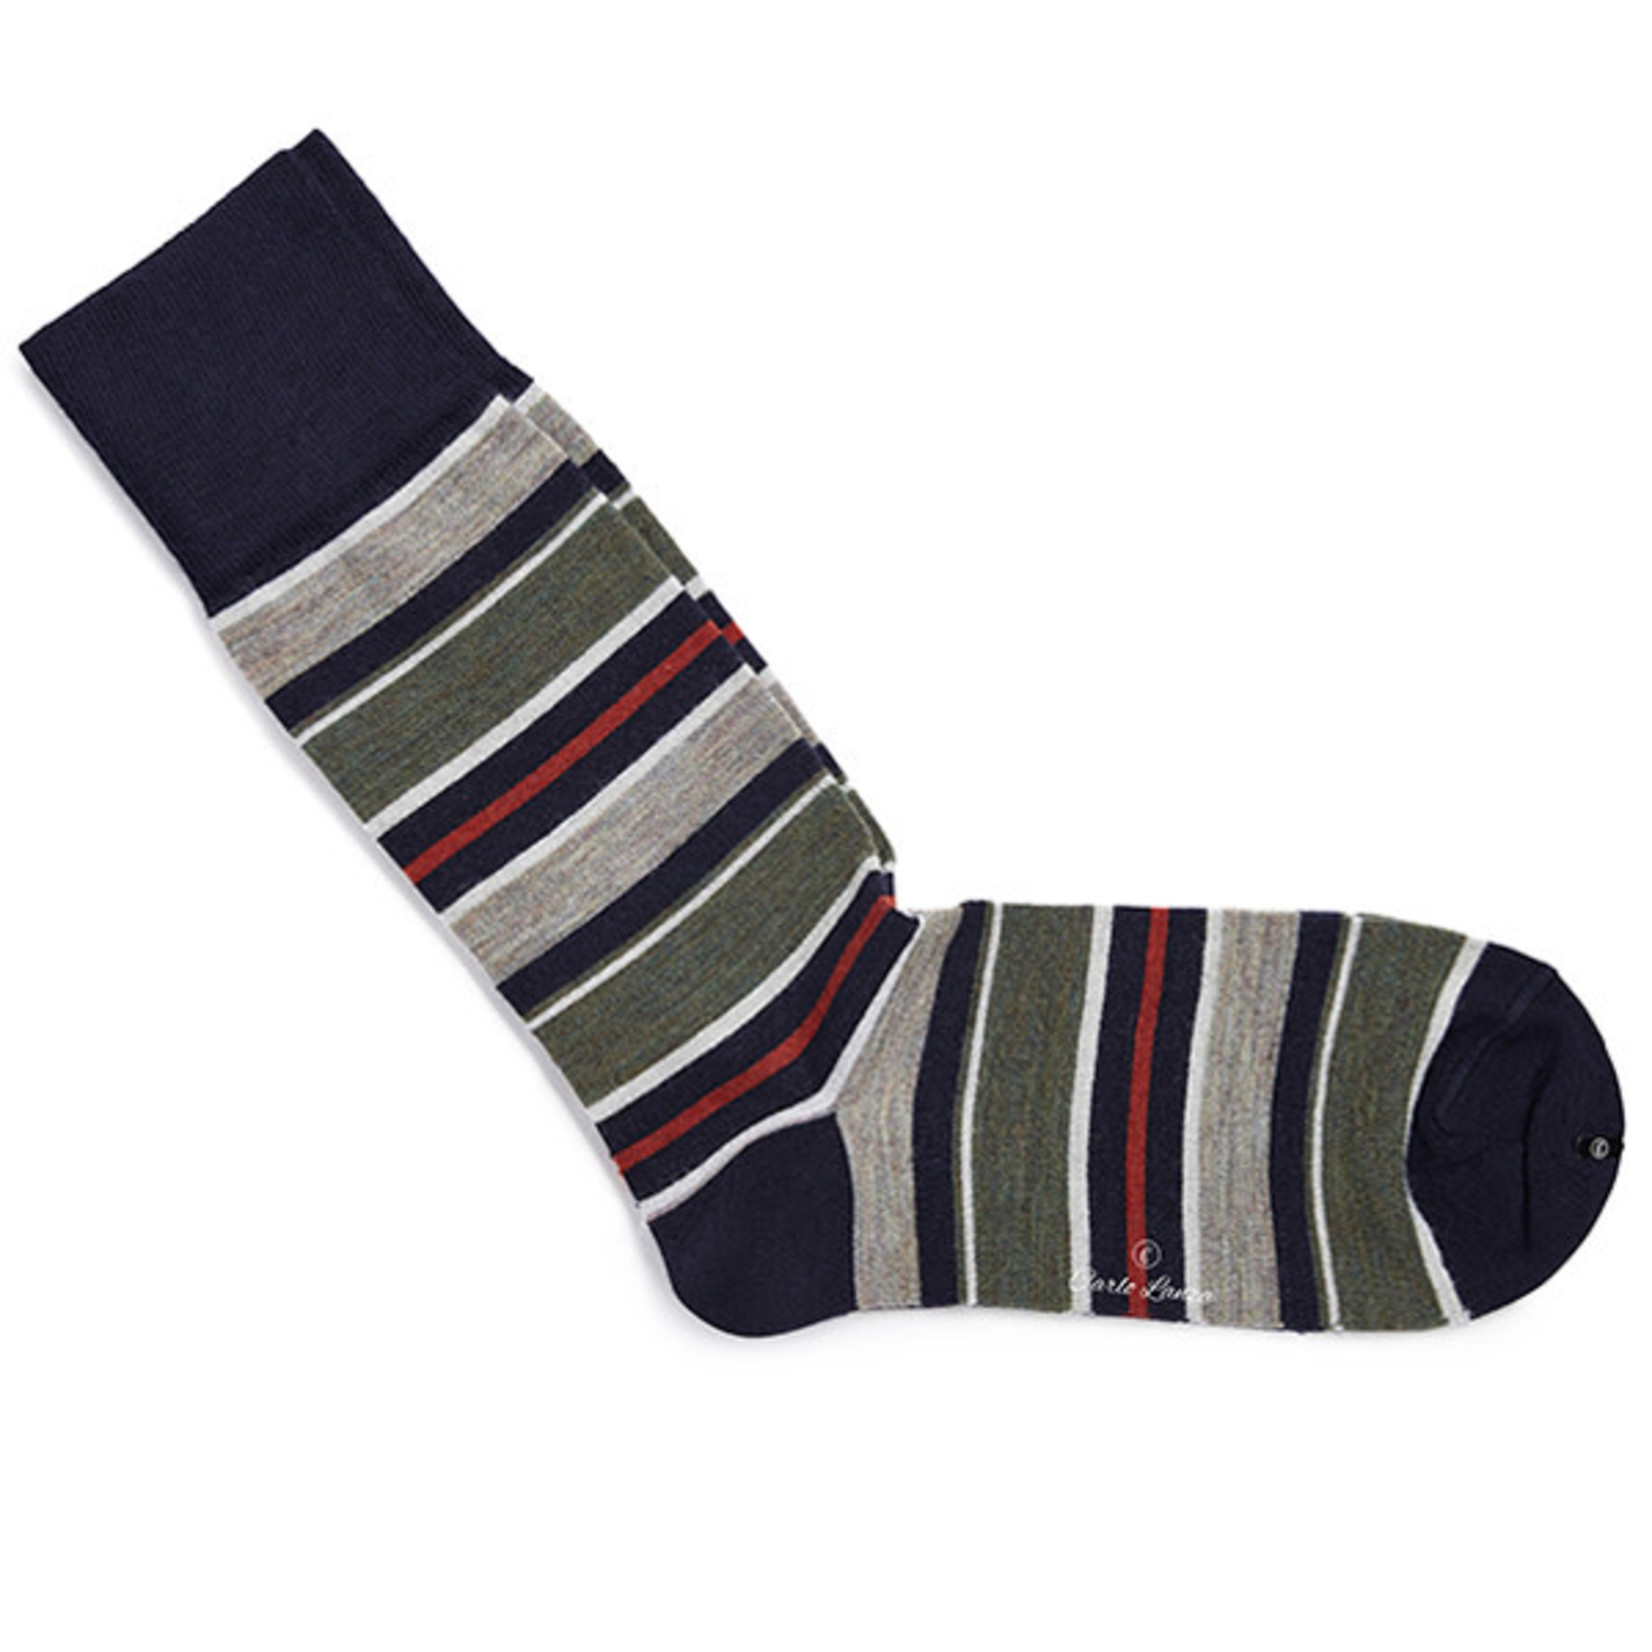 Carlo Lanza korte sokken wol met groene en oranje strepen